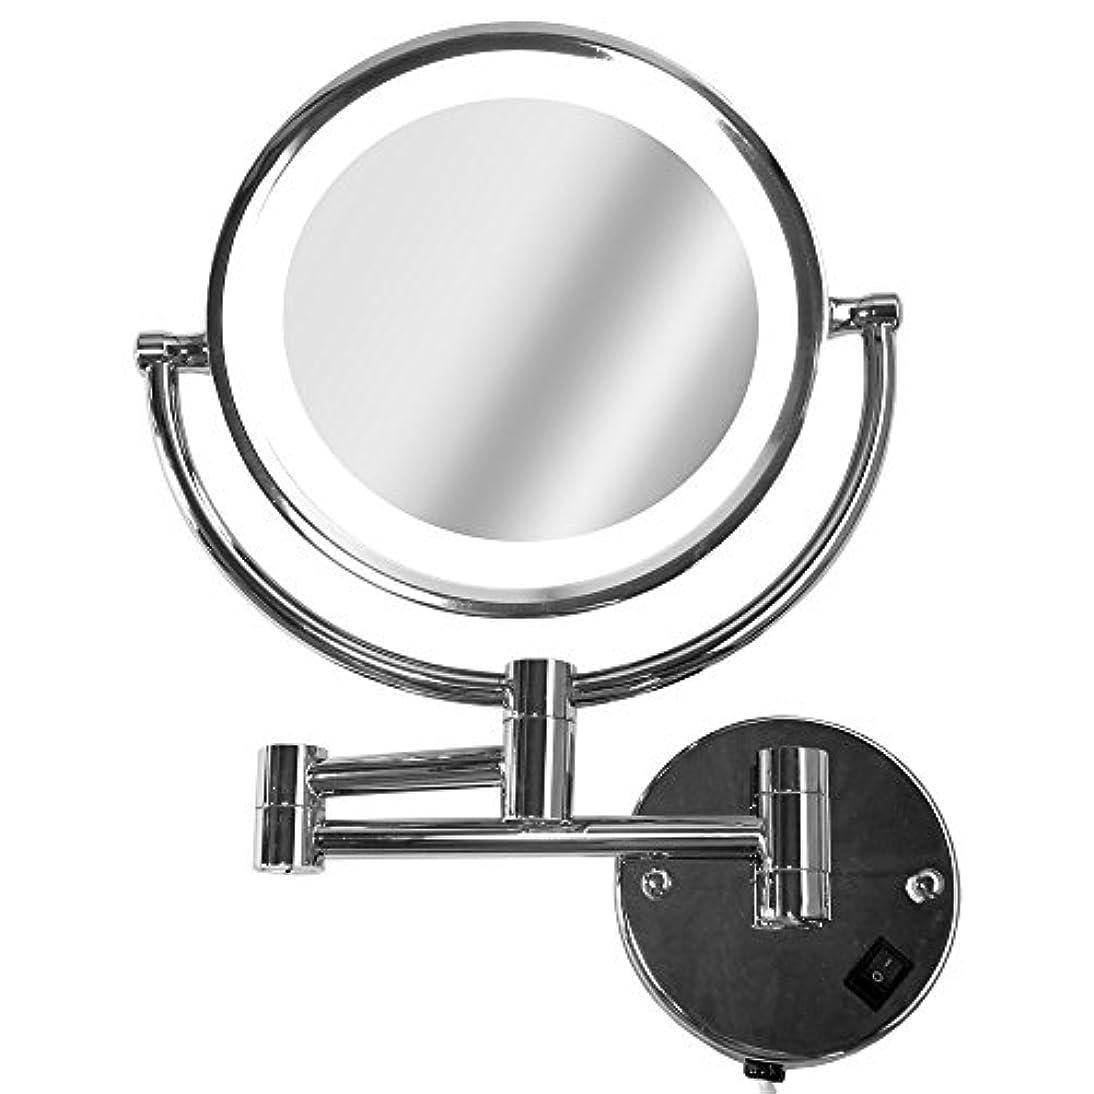 アミューズアルカイック学期La Curie アームミラー 壁付けミラー 拡大鏡 折りたたみホテルミラー LEDライト付 5倍 LaCurie014